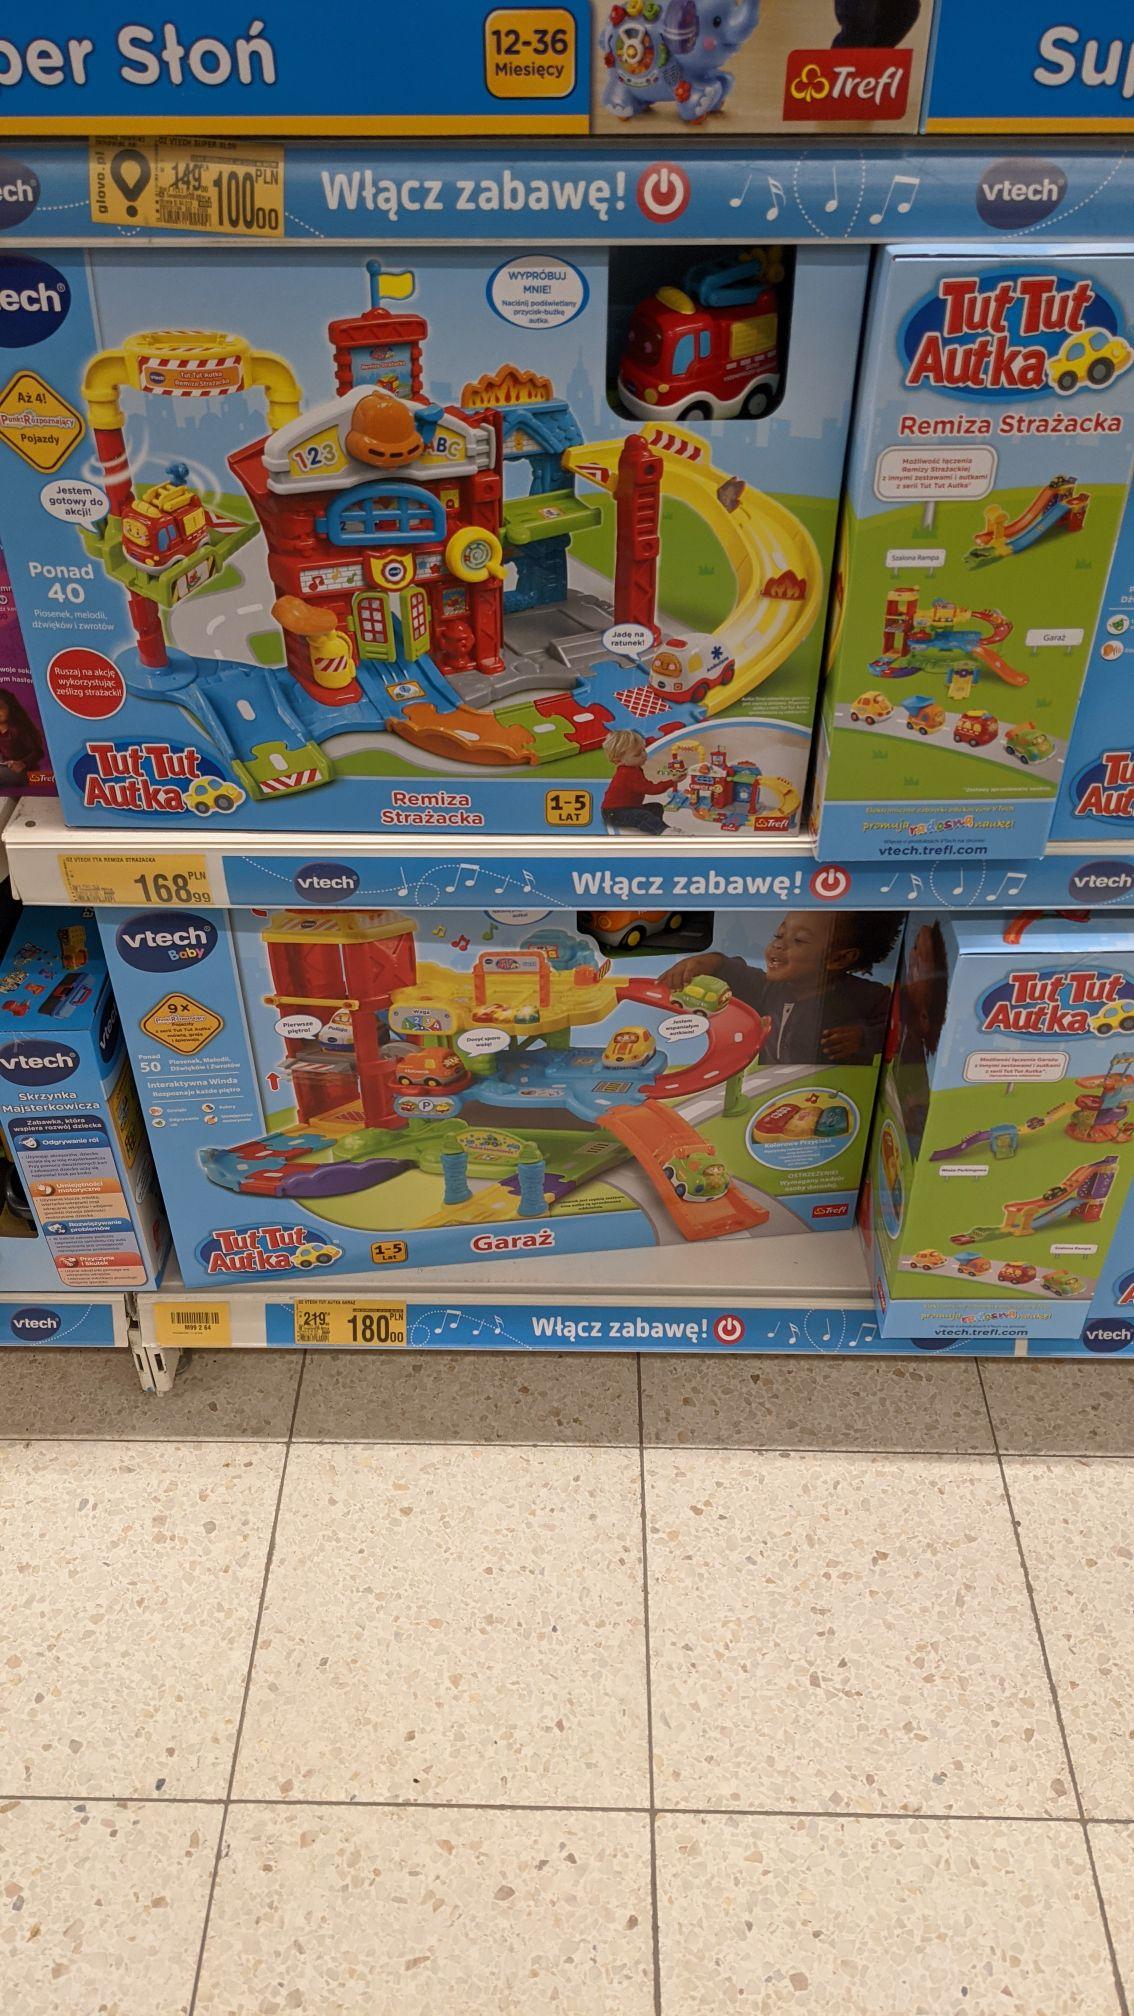 Garaż Vtech 60597 Auchan Szczecin